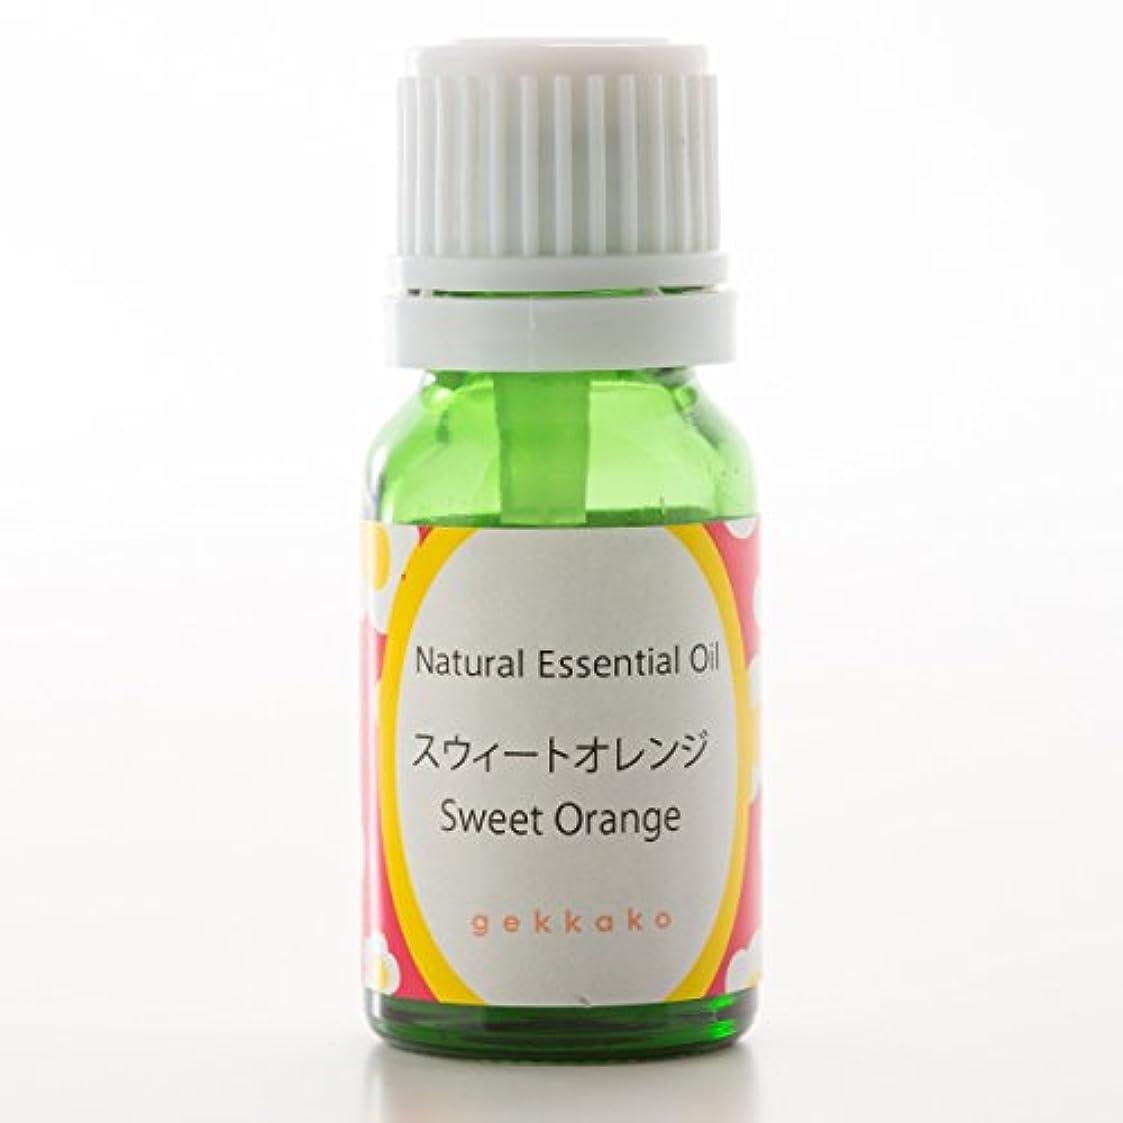 順応性のあるポータルキノコ<月下香>エッセンシャルオイル/アロマ/スイートオレンジ【100ml】 (5ml)